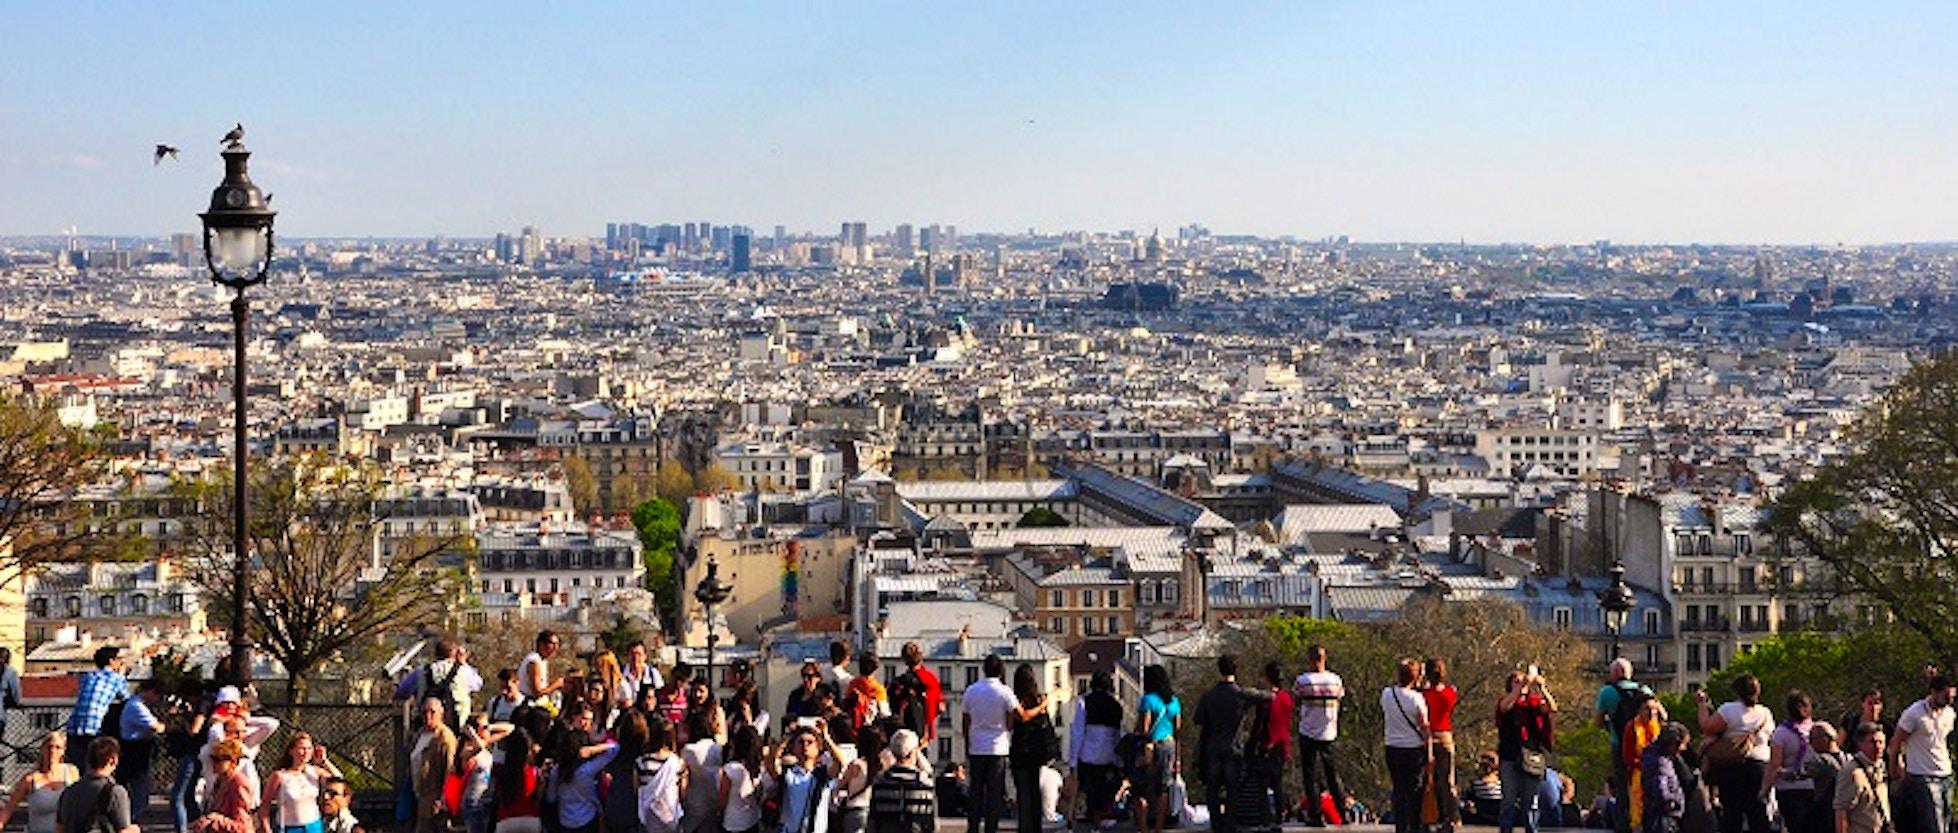 i migliori punti panoramici gratis di parigi - Zona Migliore Soggiorno Parigi 2